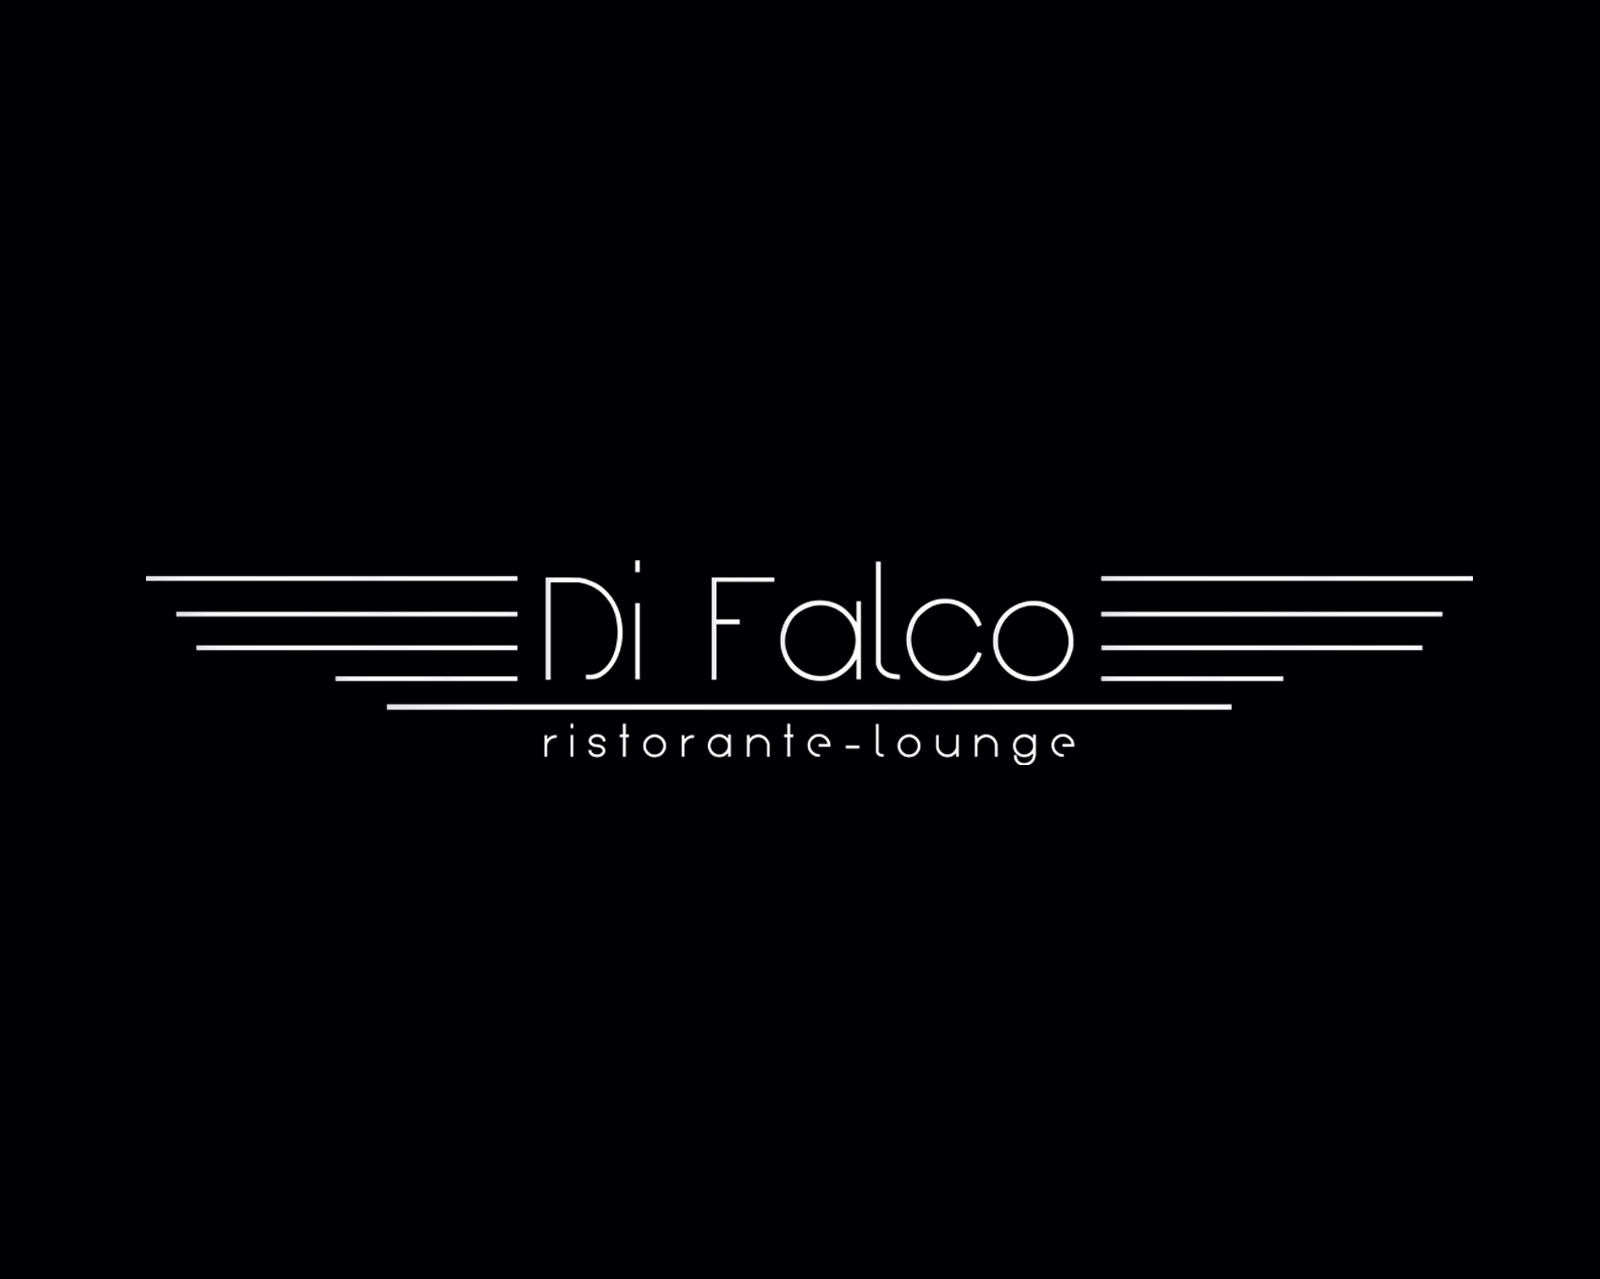 createlier.ro-graphic-design-di falco-1